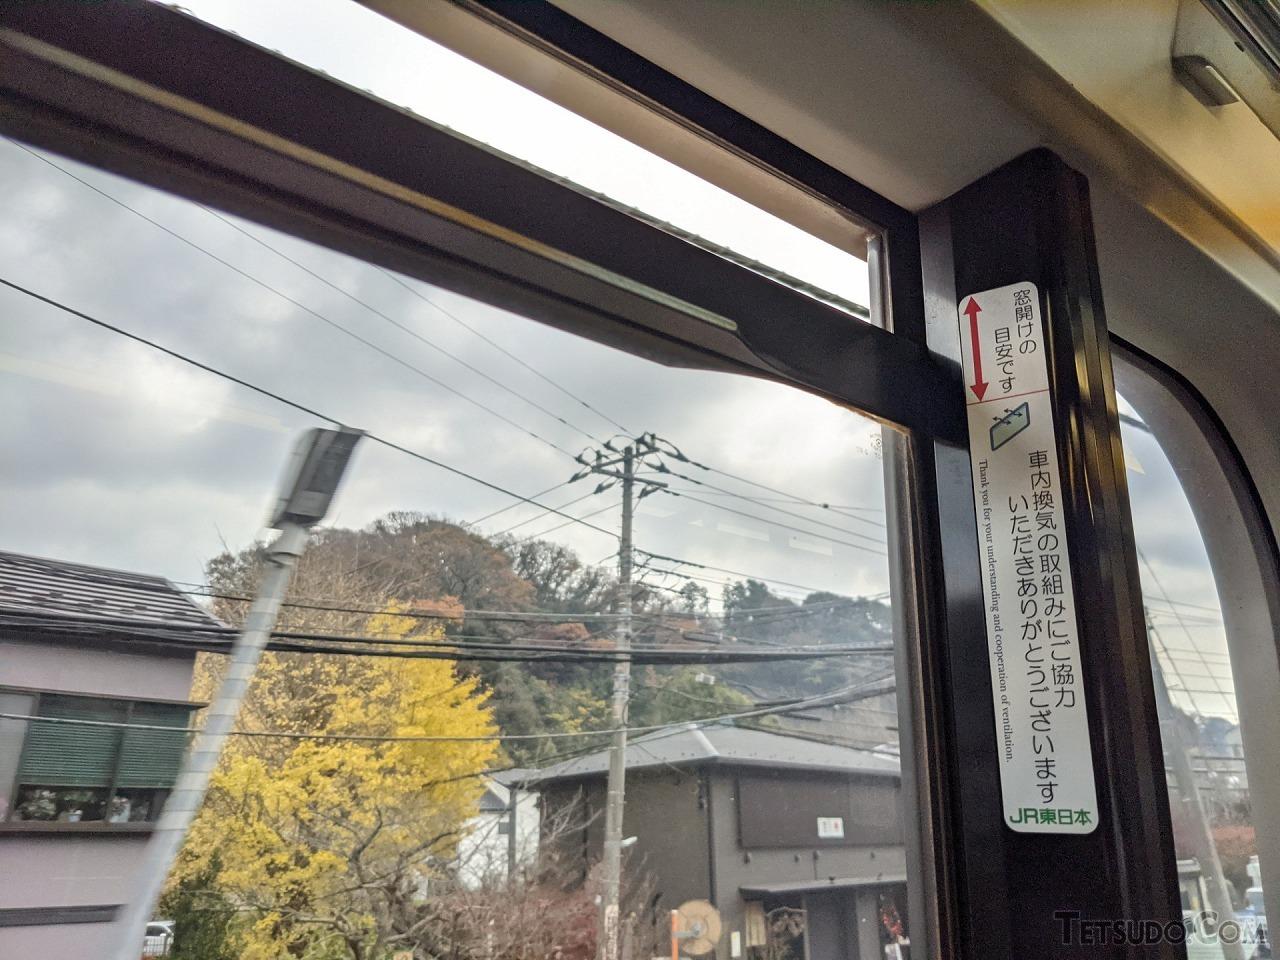 開口幅の目安を示すシールを貼り付けたJR東日本の車両